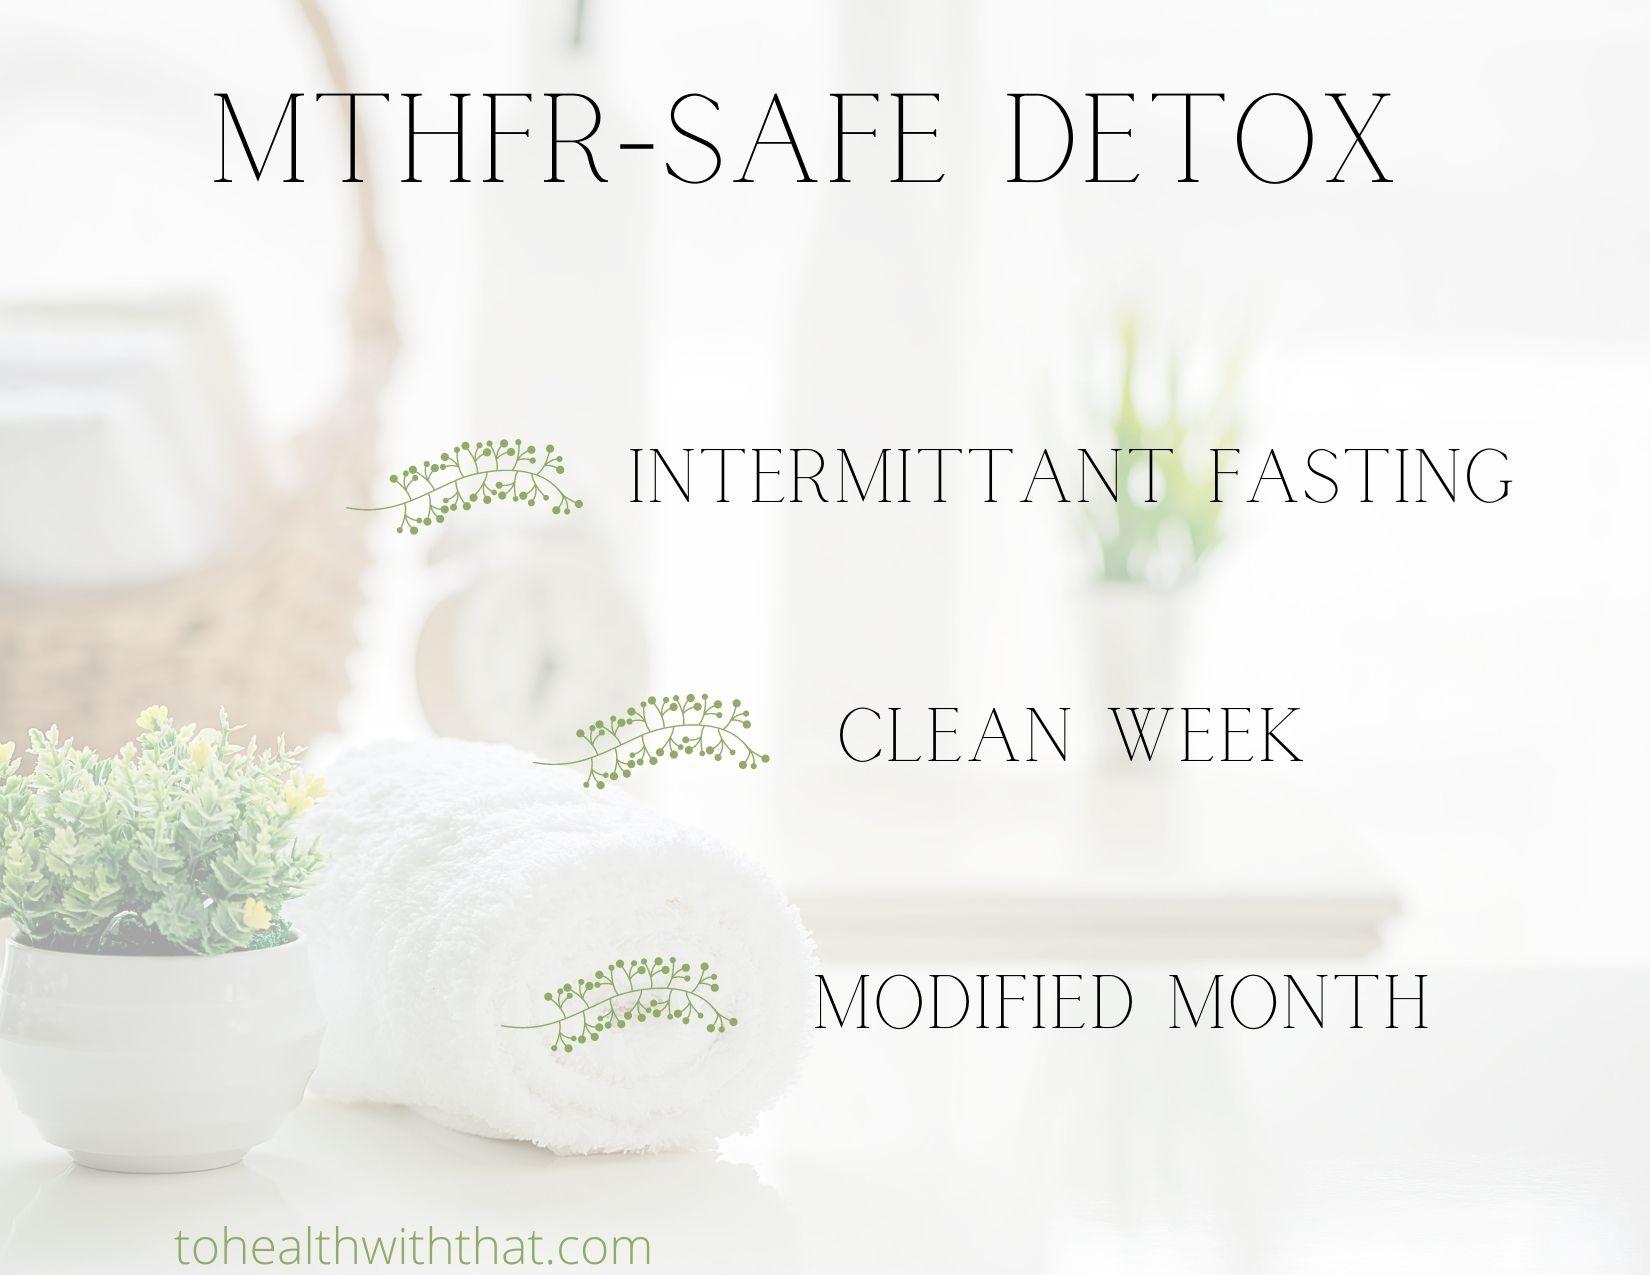 mthfr safe detox